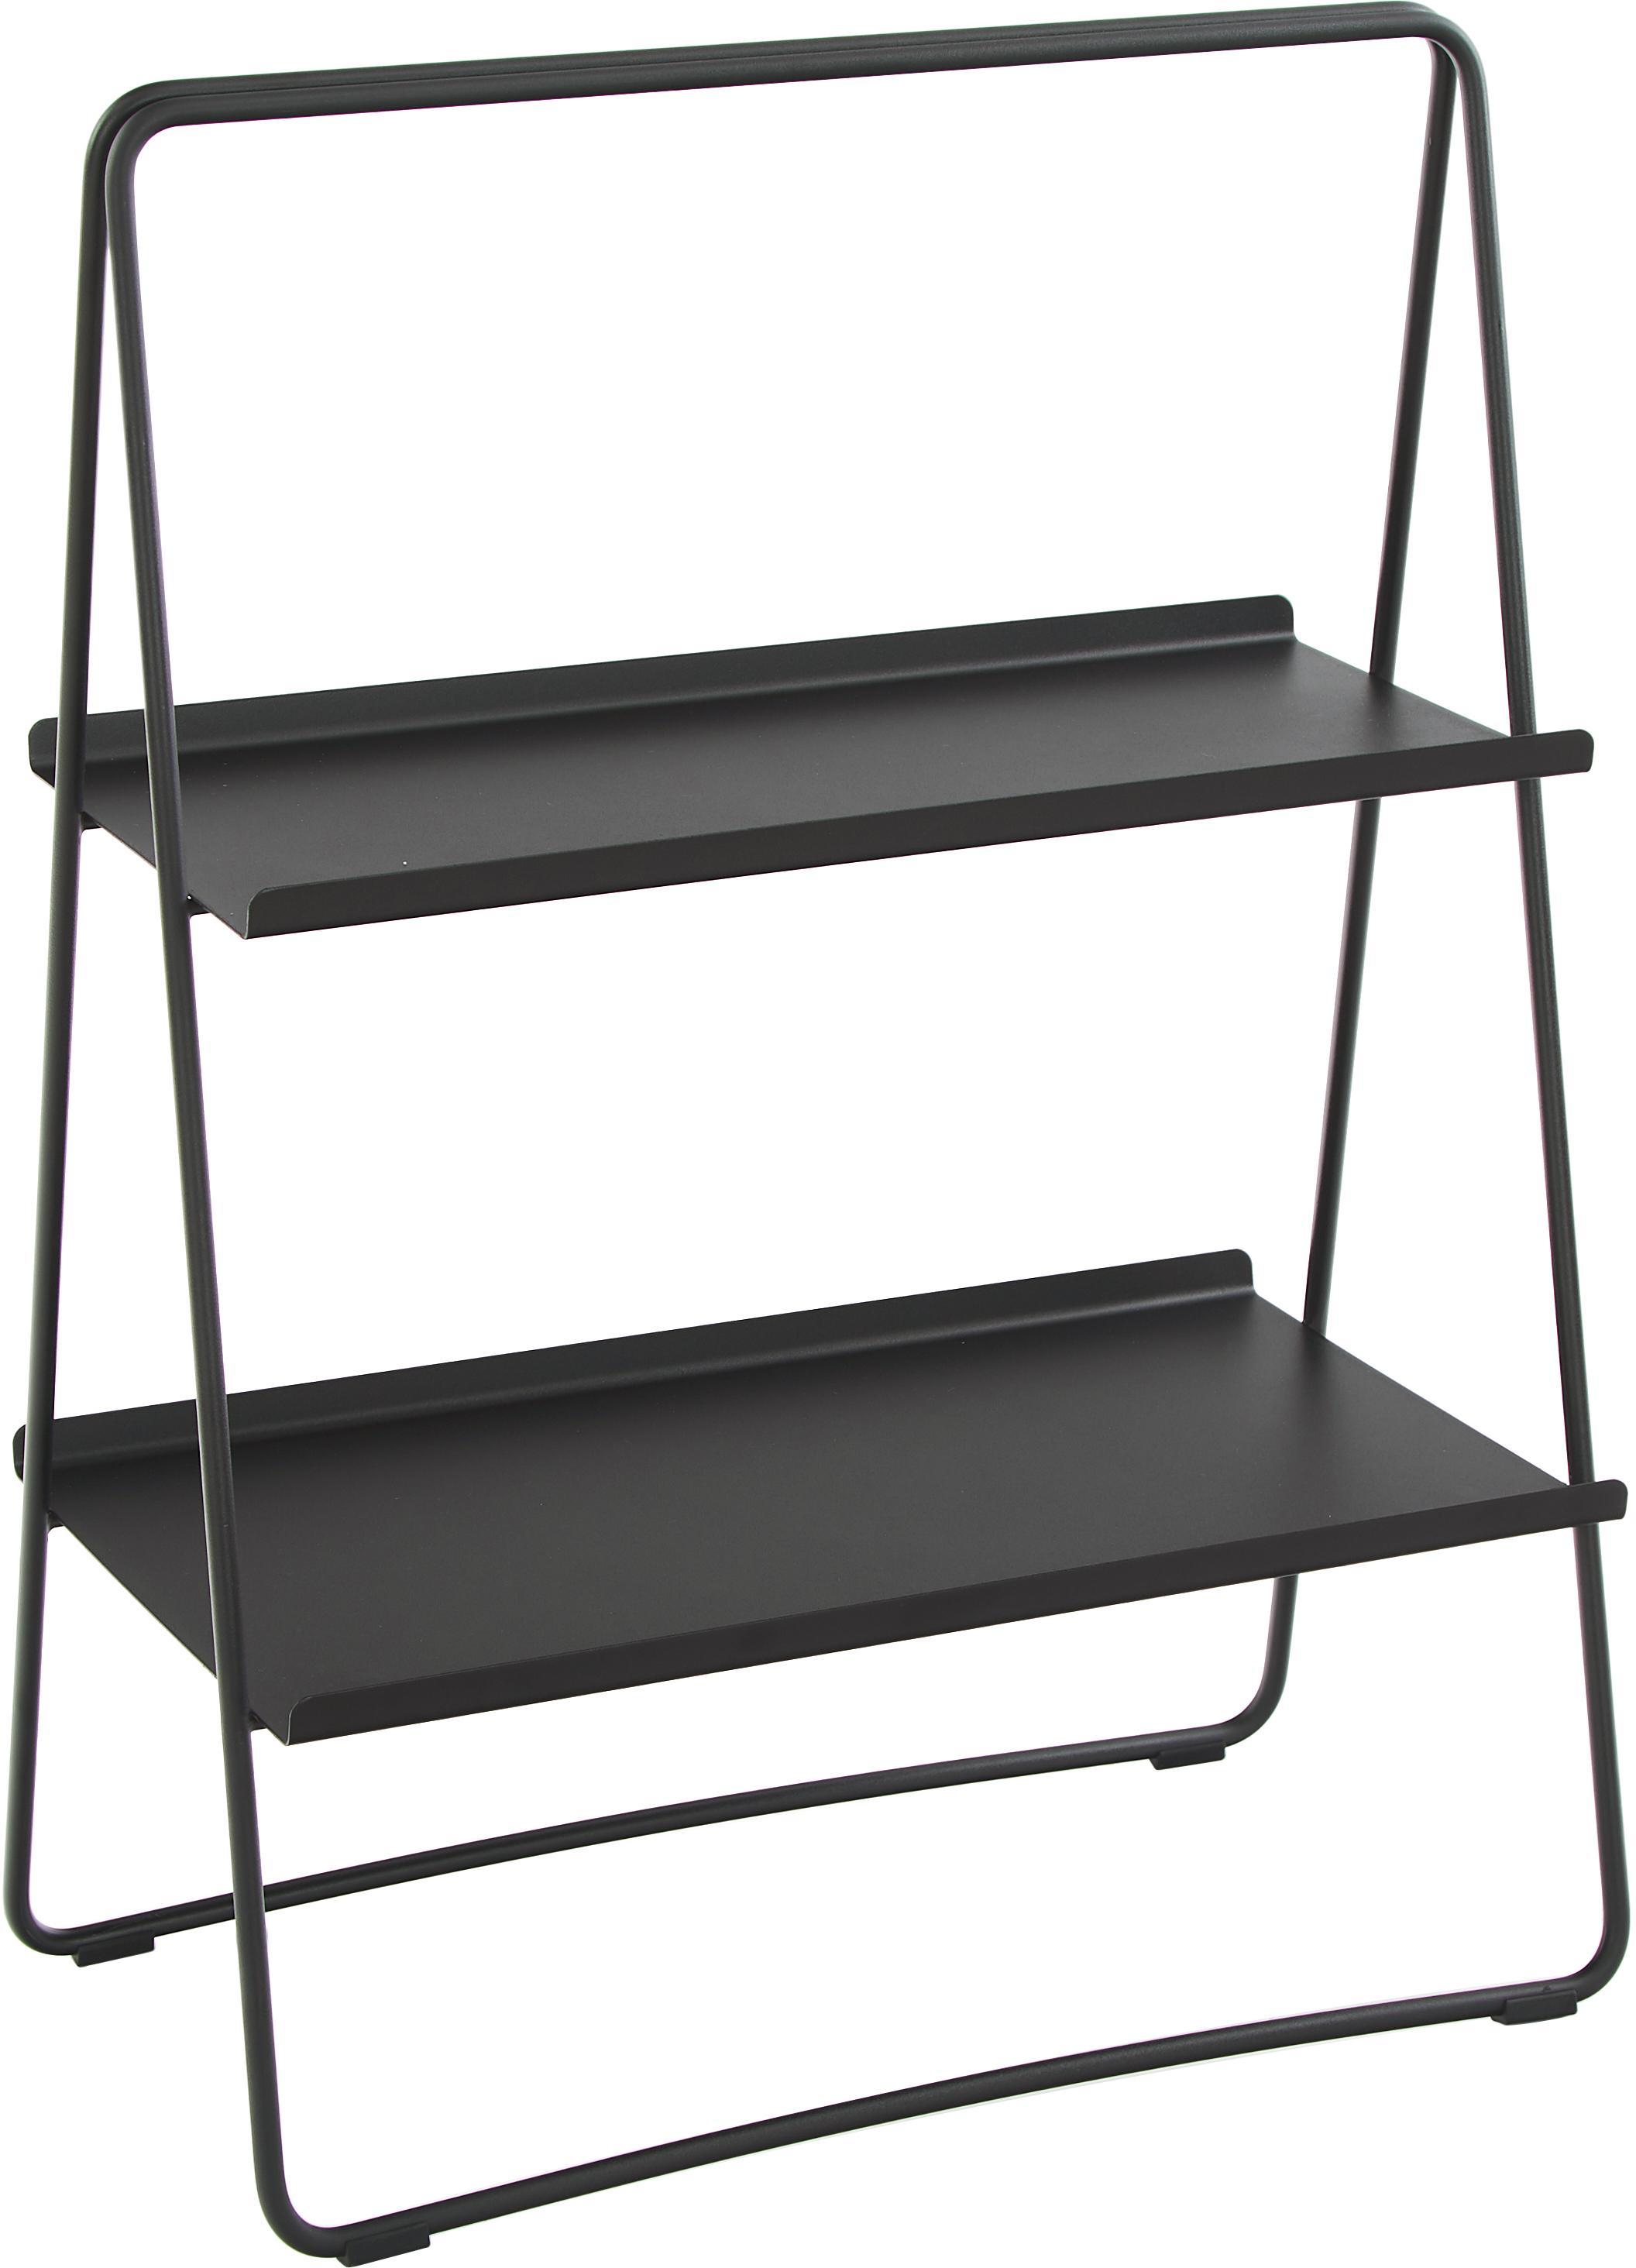 Estantería escalera Aguina, Acero, pintado, Negro, An 53 x Al 75 cm